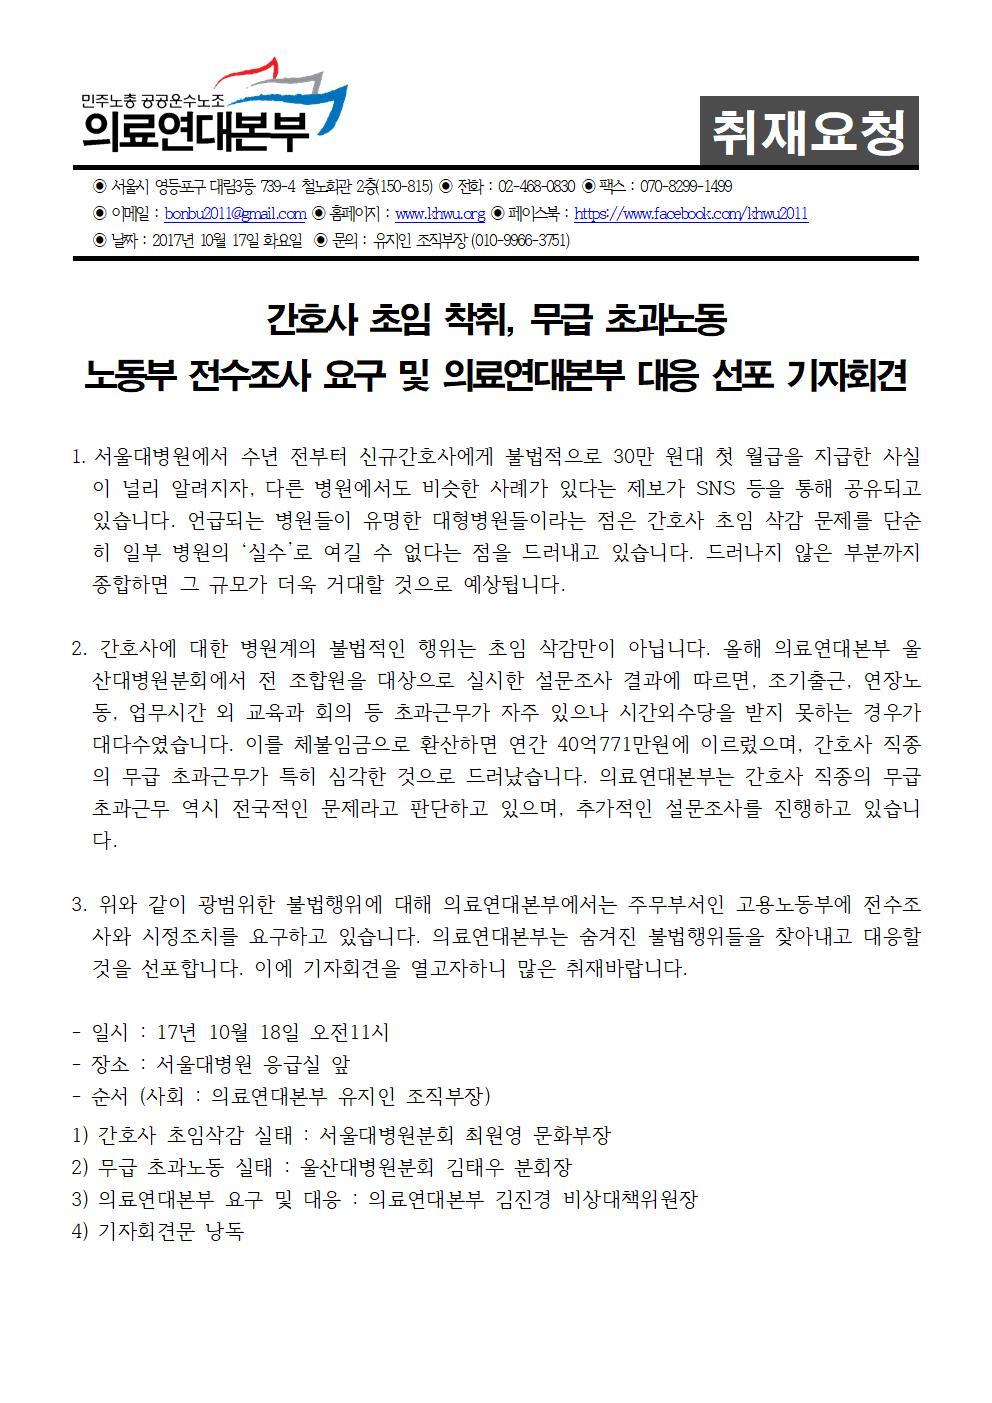 [취재요청서] 노동부전수조사요구 및 본부대응선포기자회견001.jpg